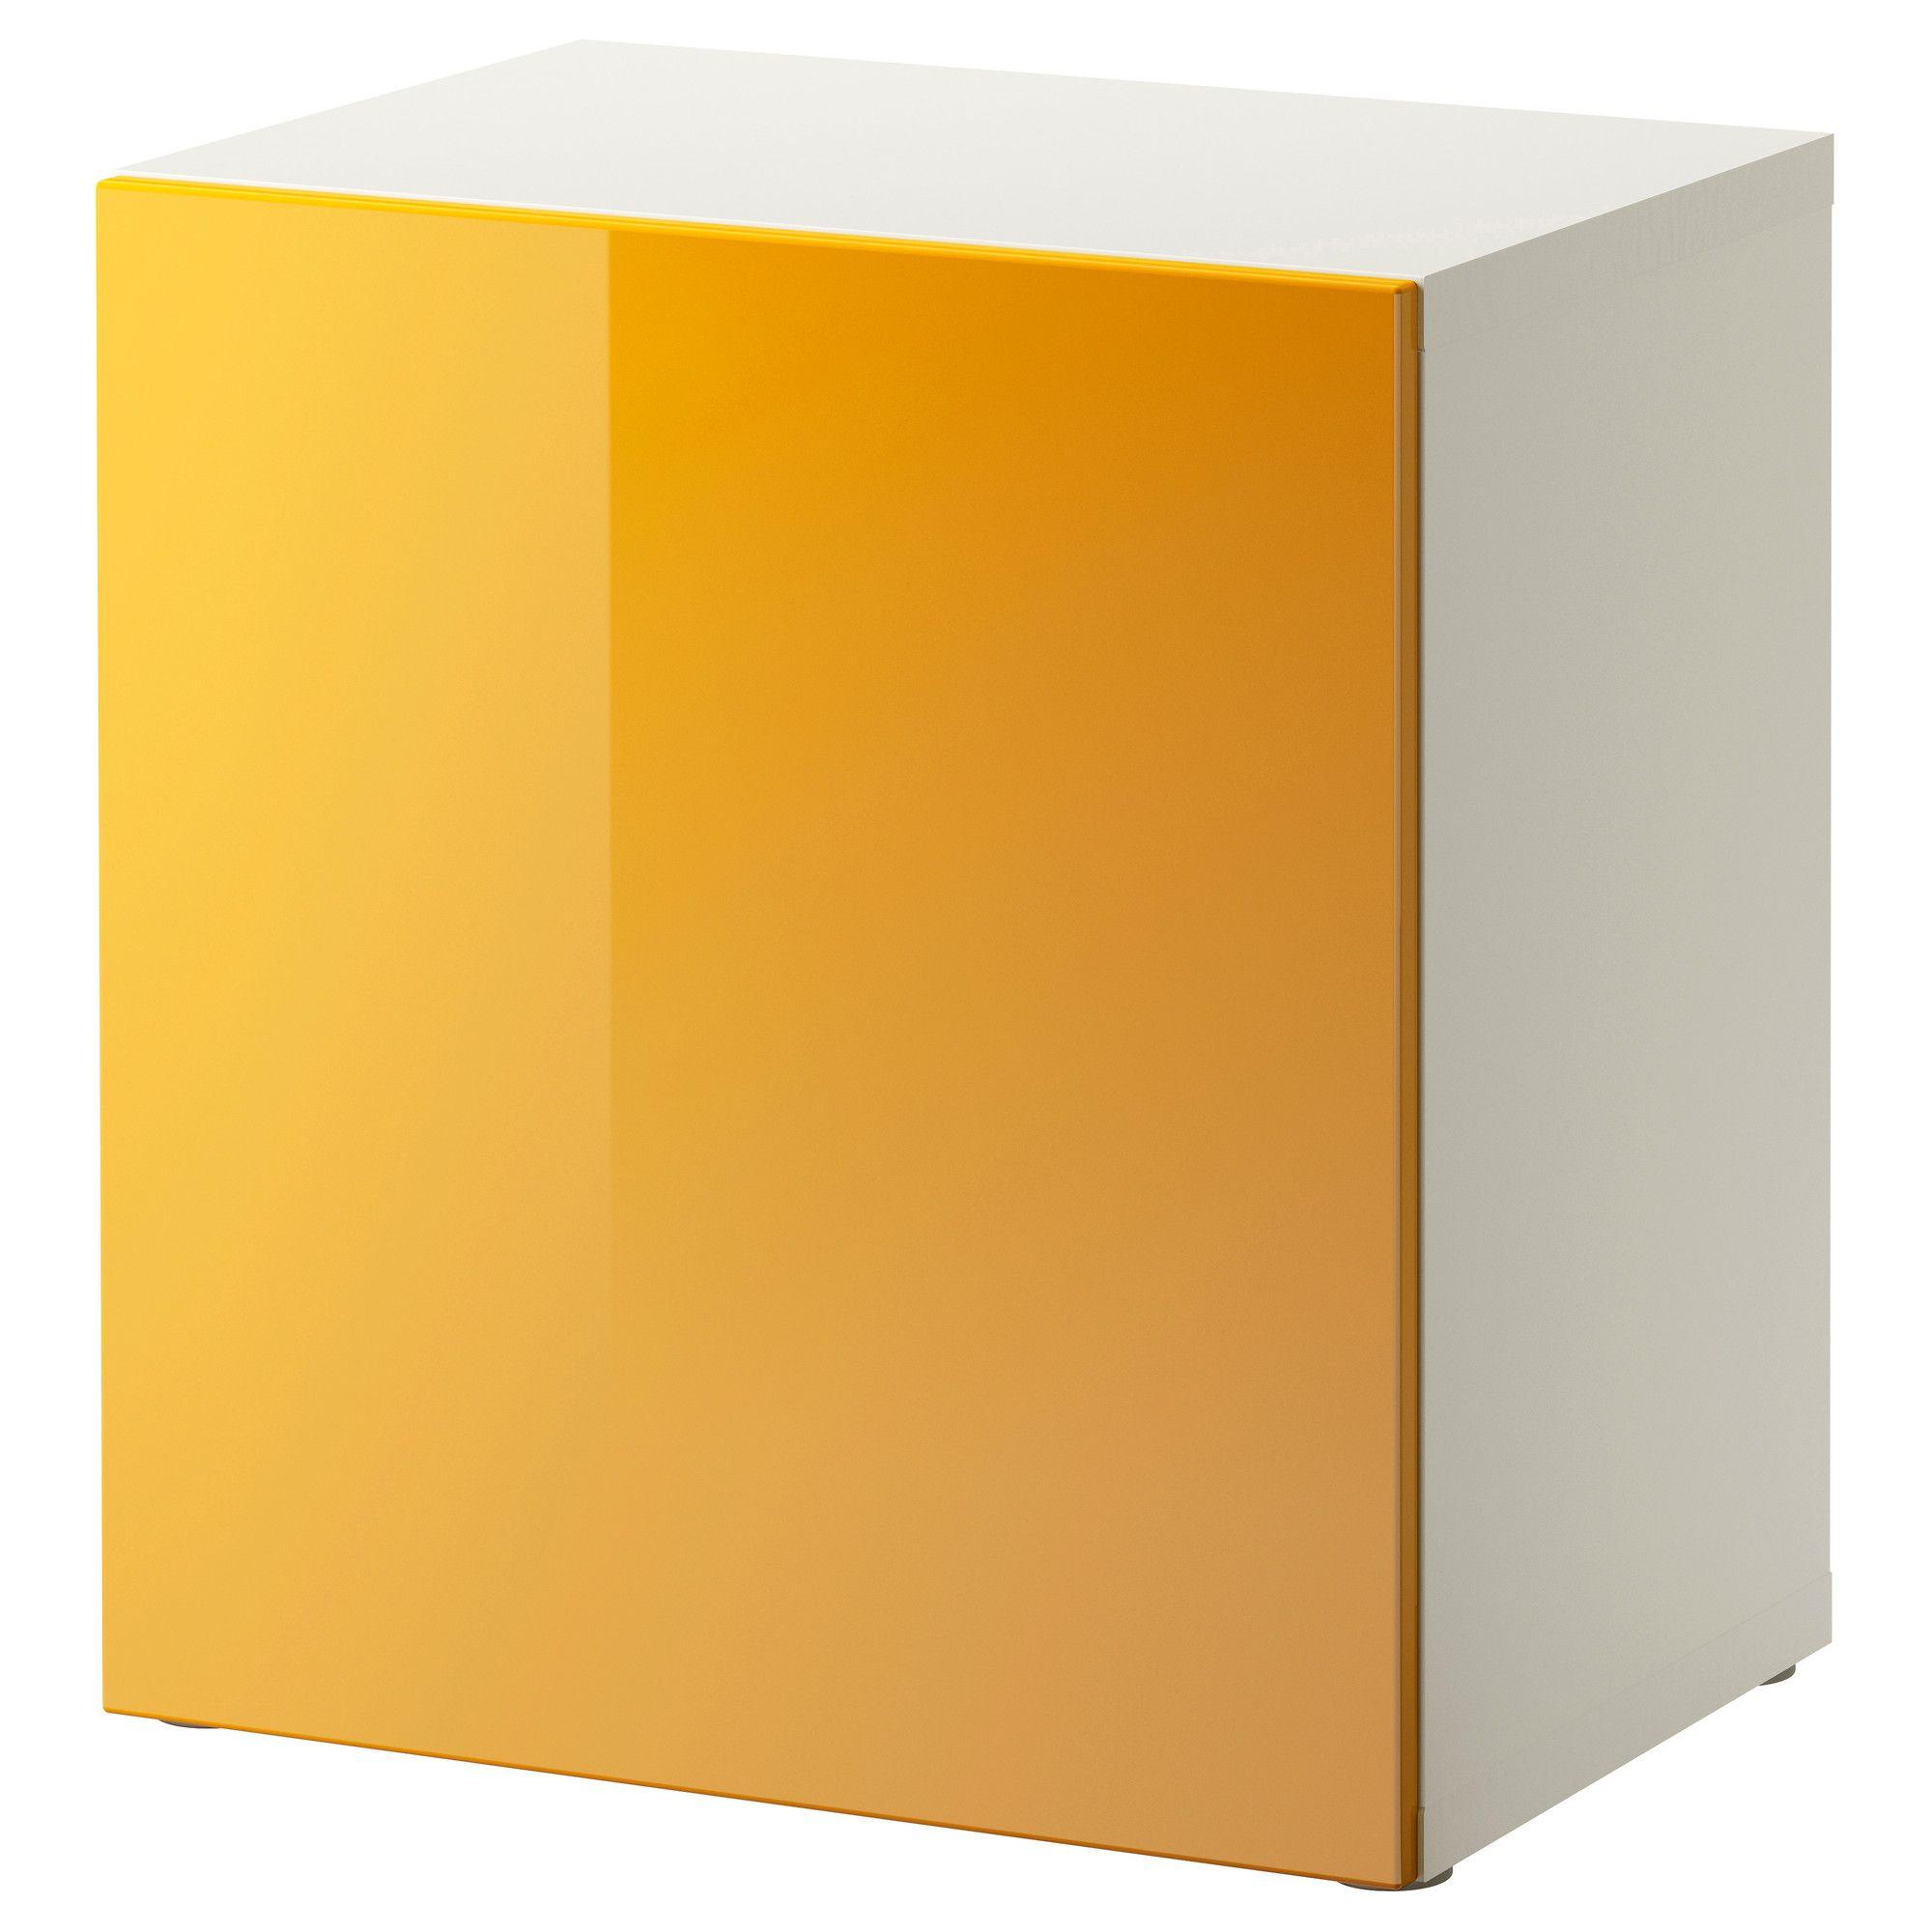 Best Estante Con Puerta Blanco Tofta Alto Brillo Amarillo  # Mueble Taquilla Ikea